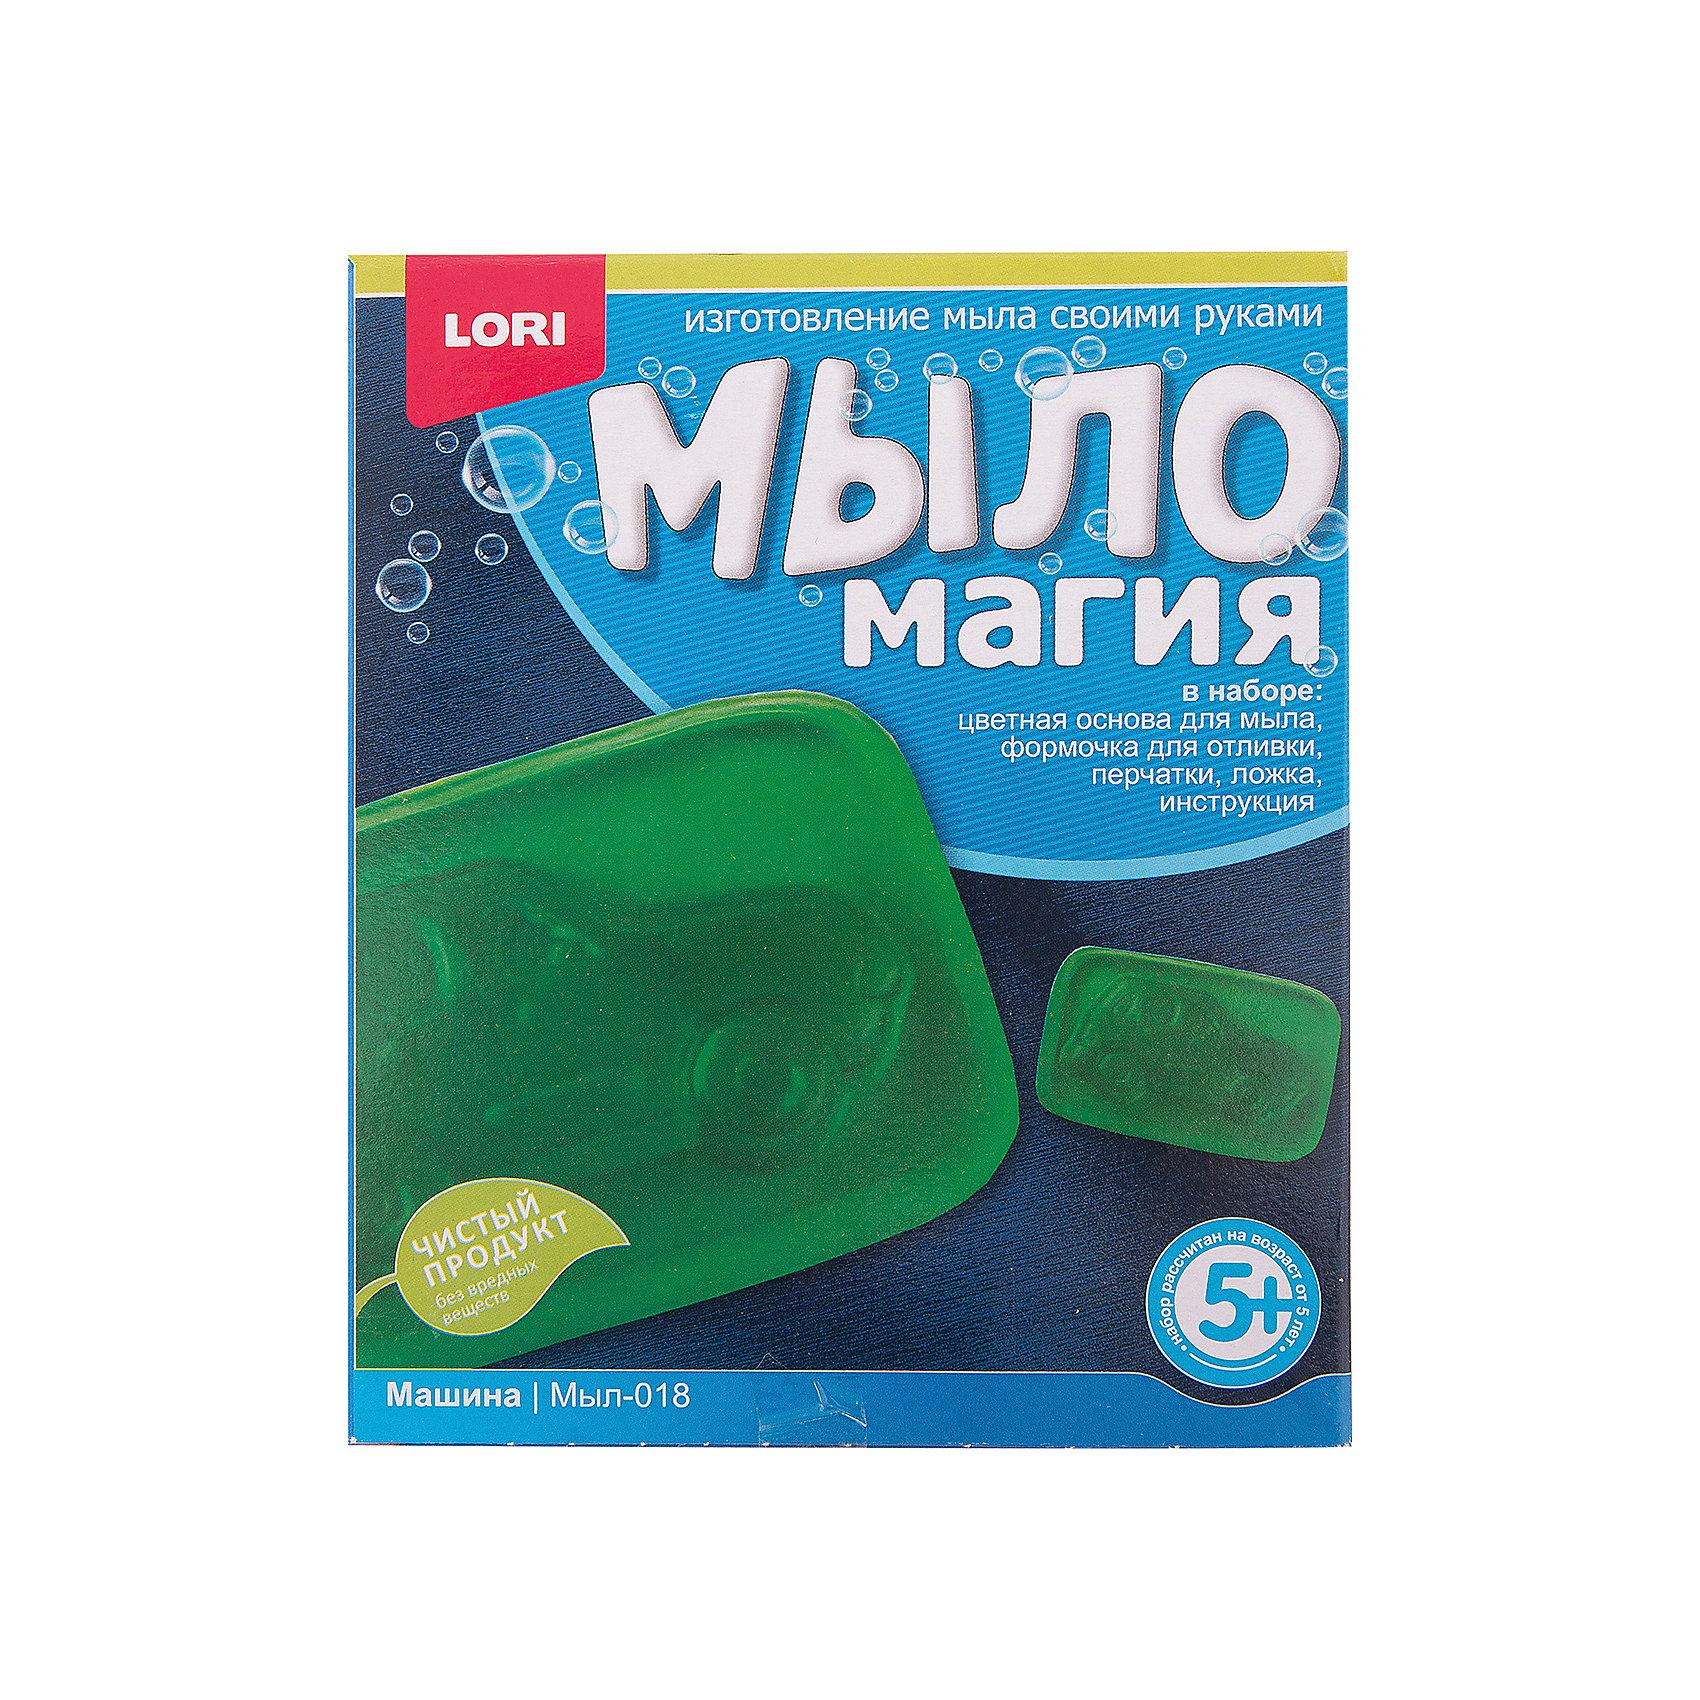 МылоМагия МашинаНаборы для создания мыла<br>Основа для мыла емкость для растапливания, форма для заливки мыльного раствора, пищевой краситель, пипетка, перчатки, ложка инструкция<br><br>Ширина мм: 40<br>Глубина мм: 135<br>Высота мм: 113<br>Вес г: 700<br>Возраст от месяцев: 60<br>Возраст до месяцев: 84<br>Пол: Унисекс<br>Возраст: Детский<br>SKU: 5032302